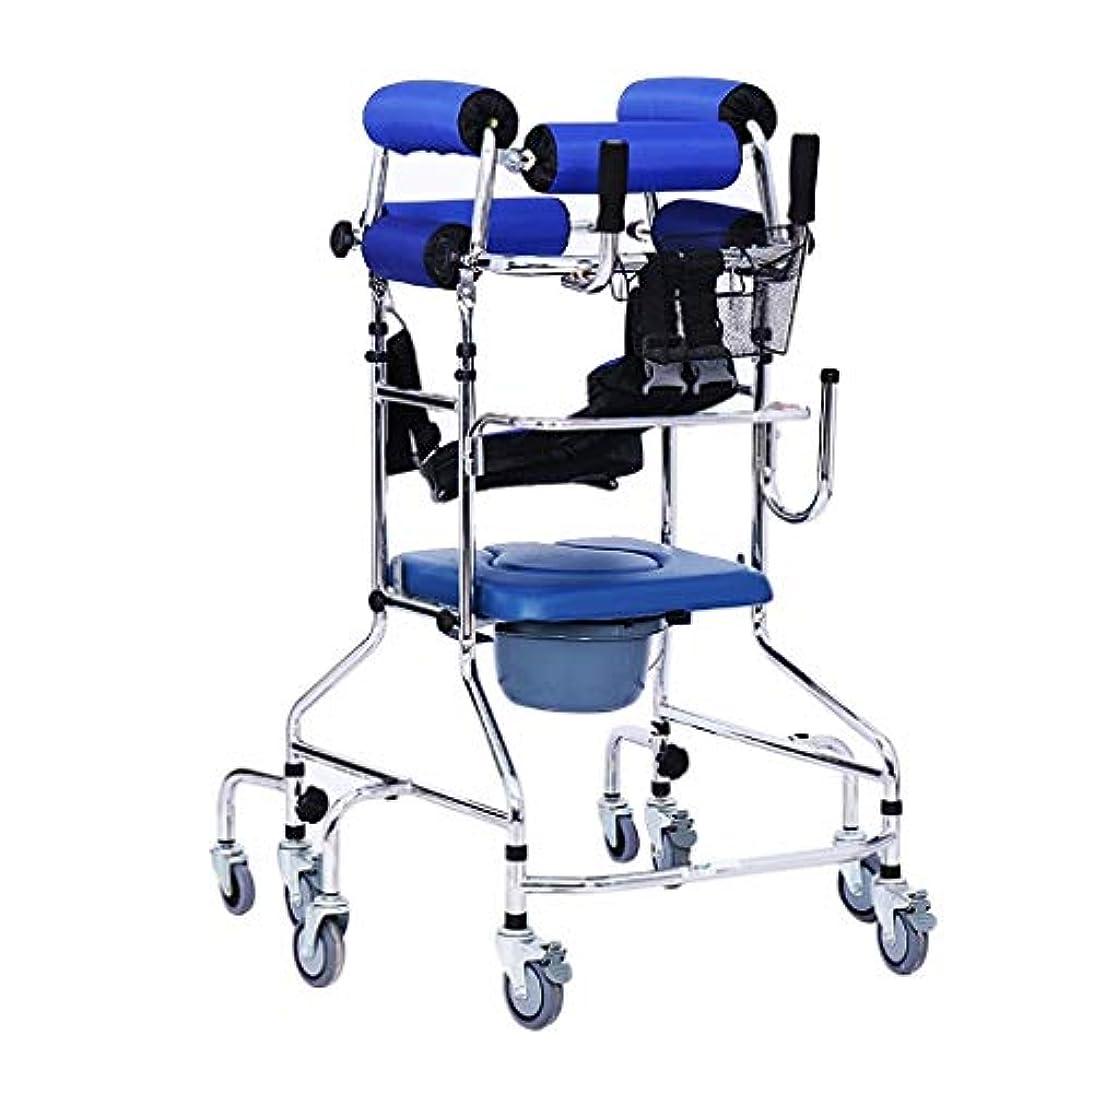 猛烈な目立つキャップBNSDMM 步行器 ウォーカー - 高齢者障害者用補助付きスタンドスクータートイレ8ラウンド - 後退防止プラストイレタイプ下肢トレーニングリハビリ機器高齢者歩行者